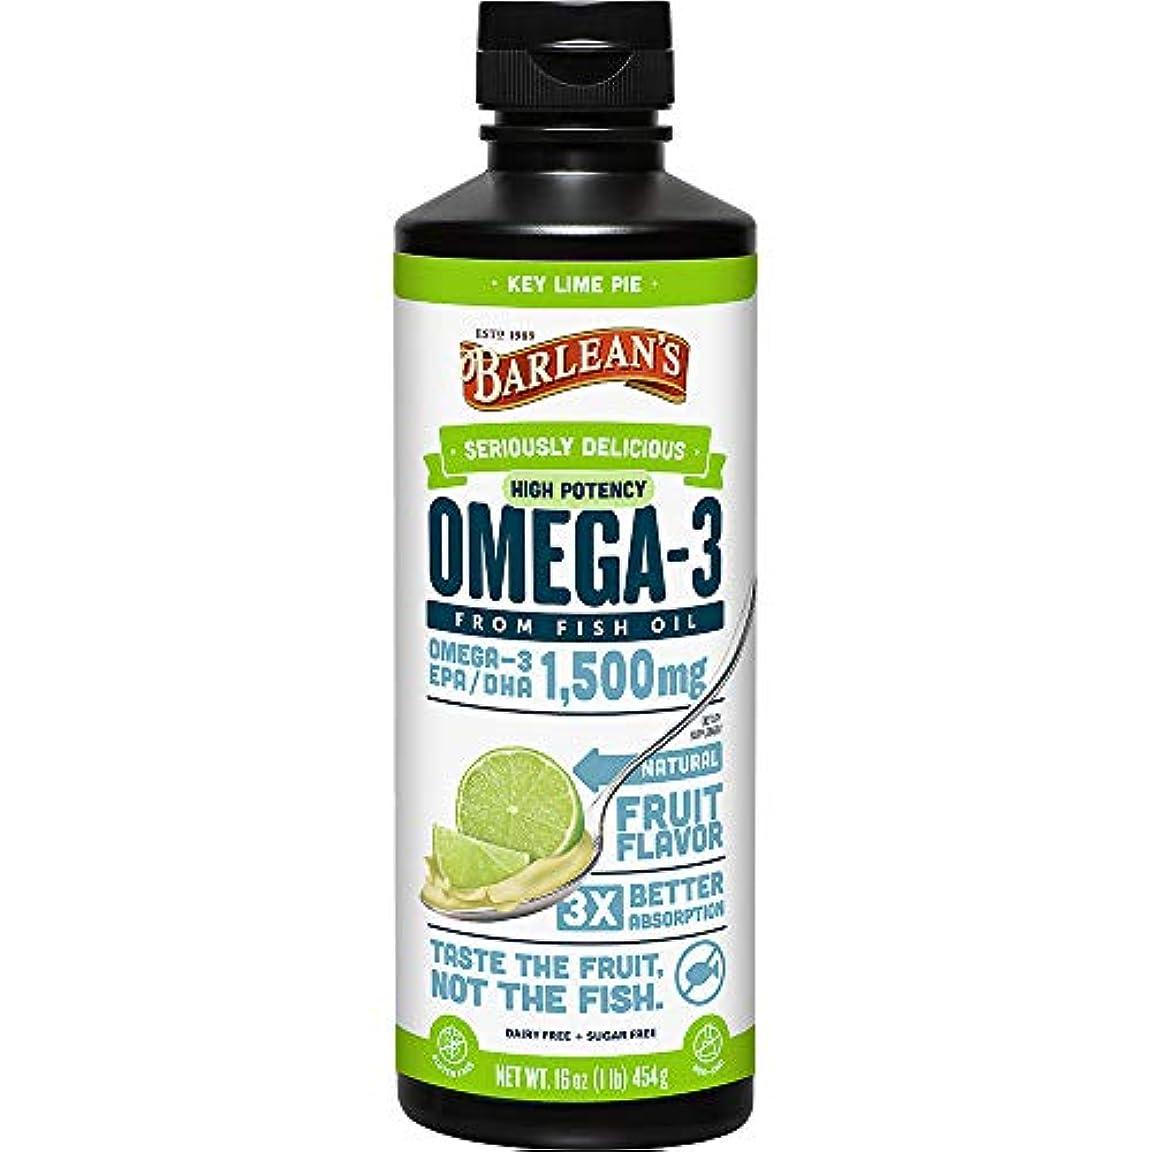 意志に反する差別退却Barlean's - Omegaの渦巻の魚オイルの超高い潜在的能力Key石灰 1500 mg。16ポンド